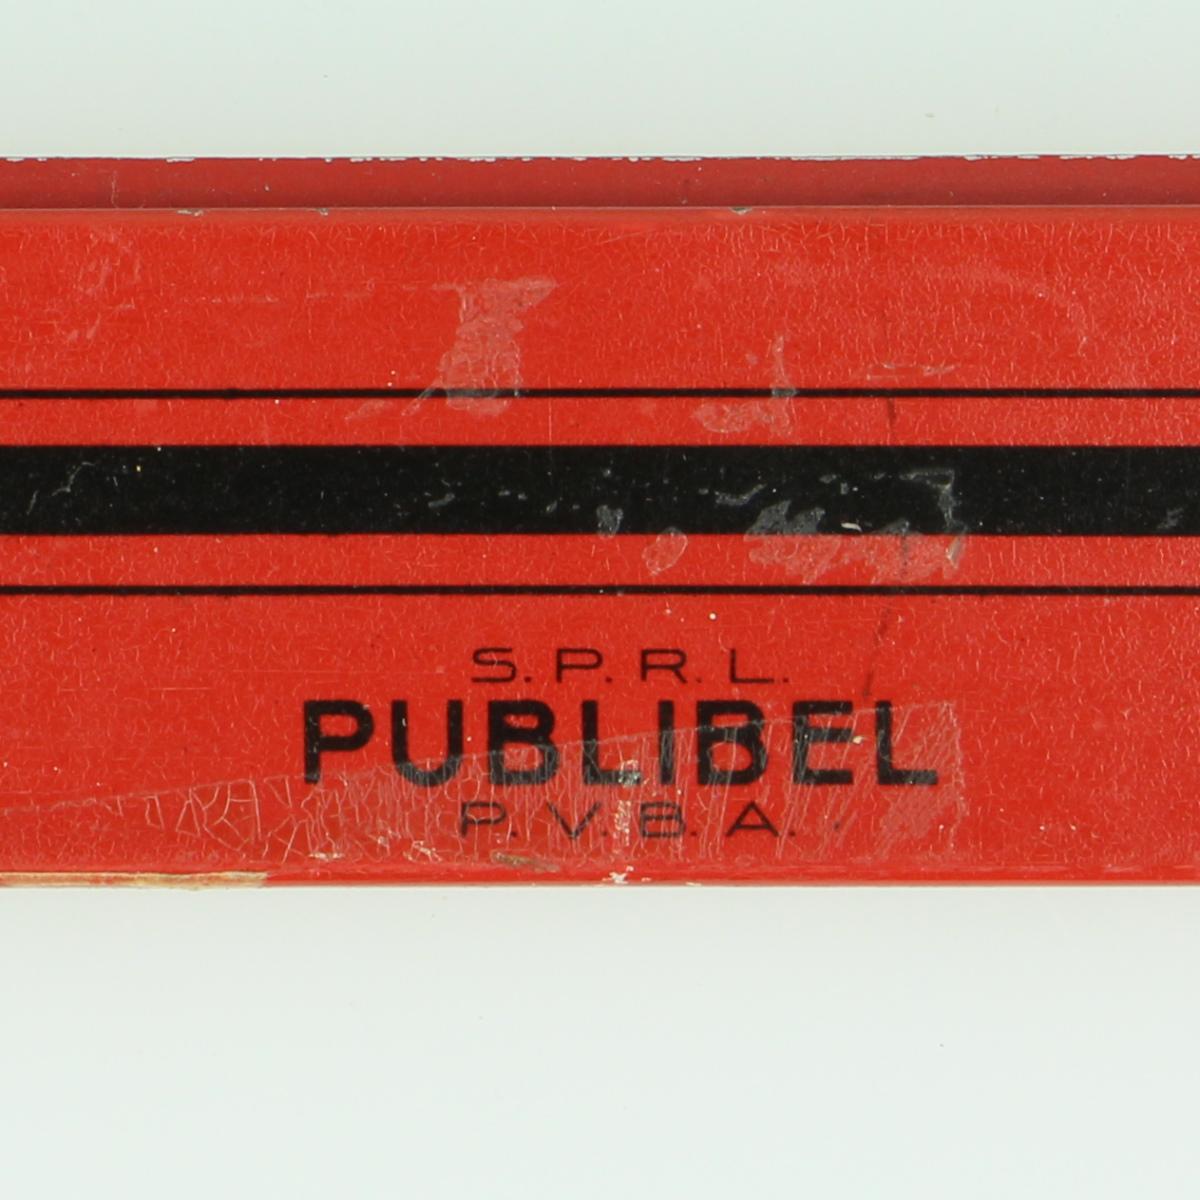 Afbeeldingen van De Post - Kalender Postpubliciteit in blik - Publibel